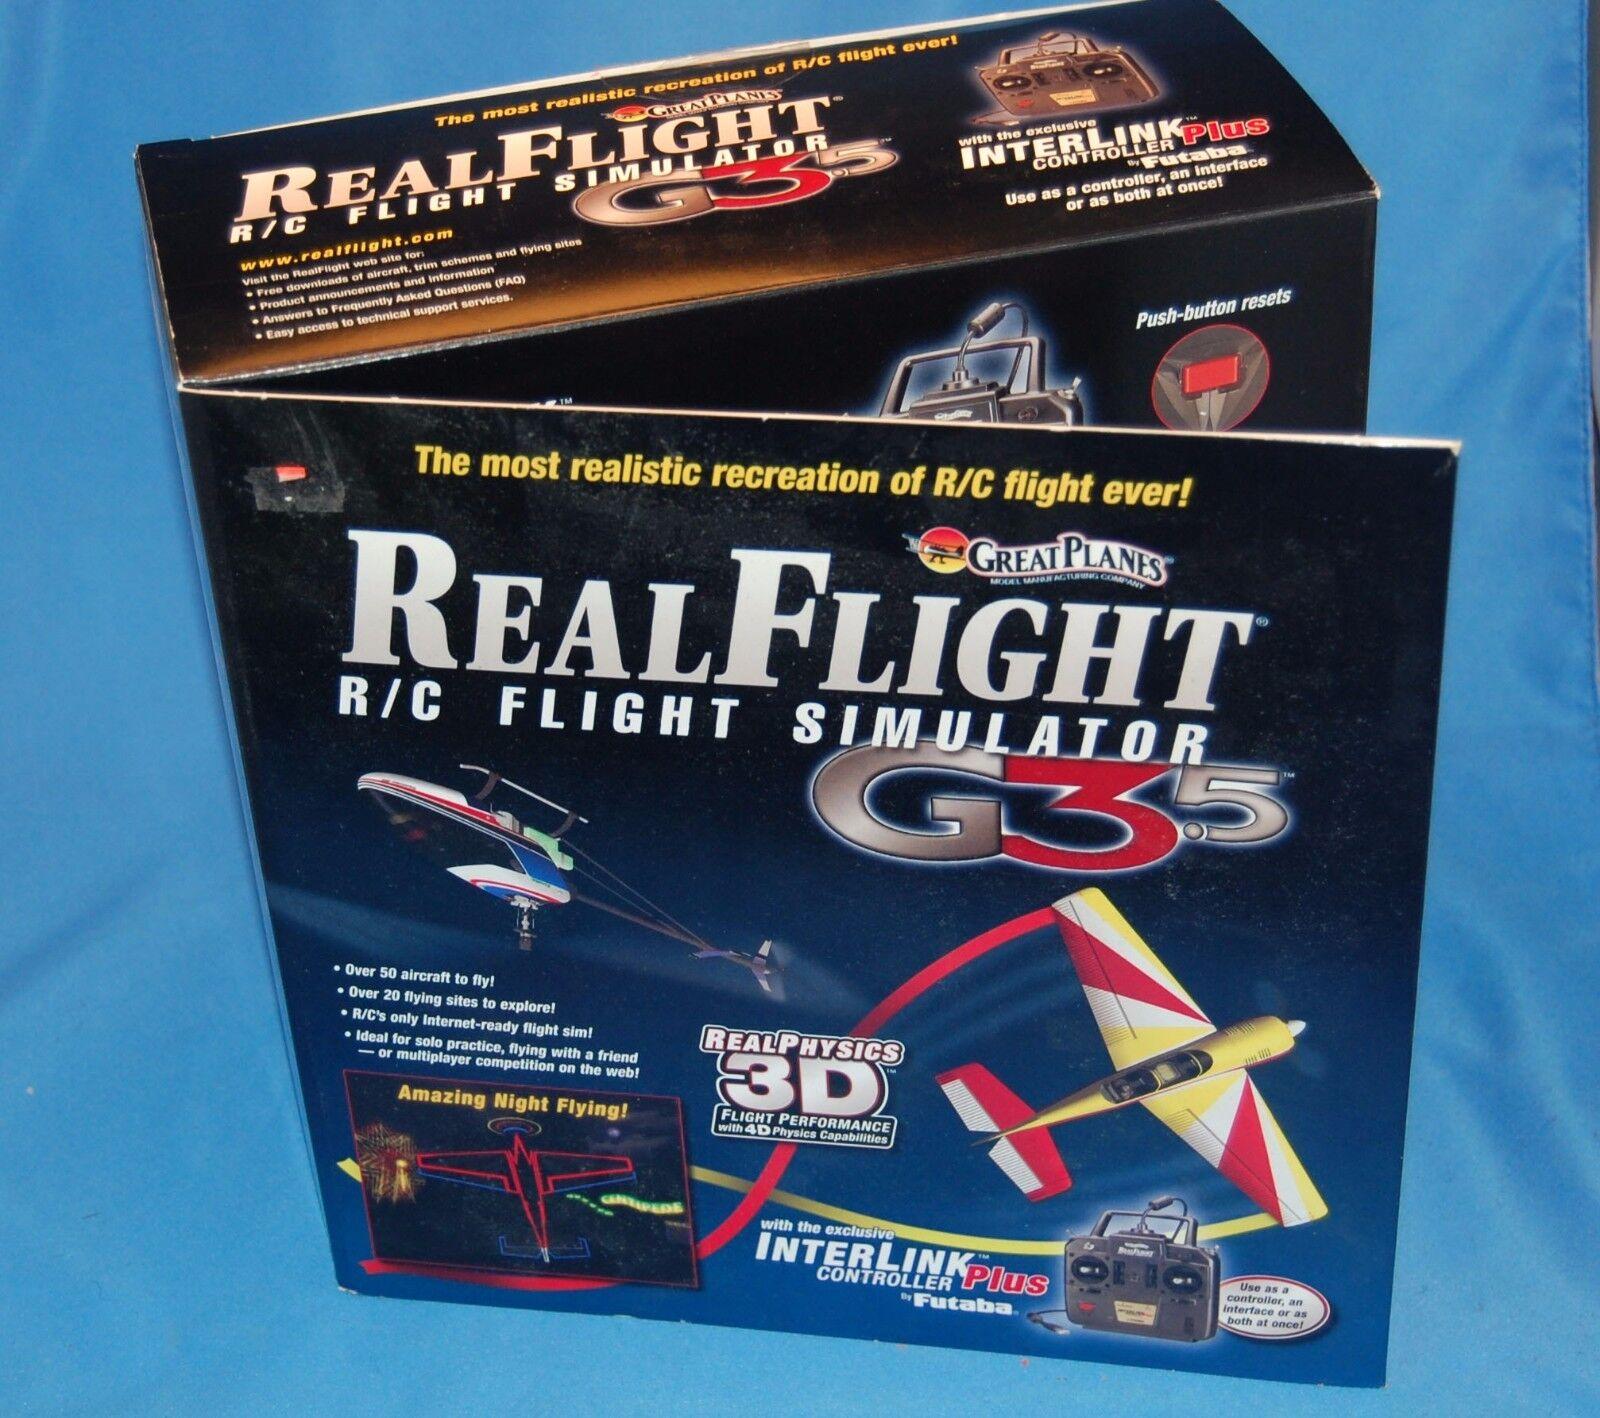 RealFlight R C G3.5 simulador de vuelo